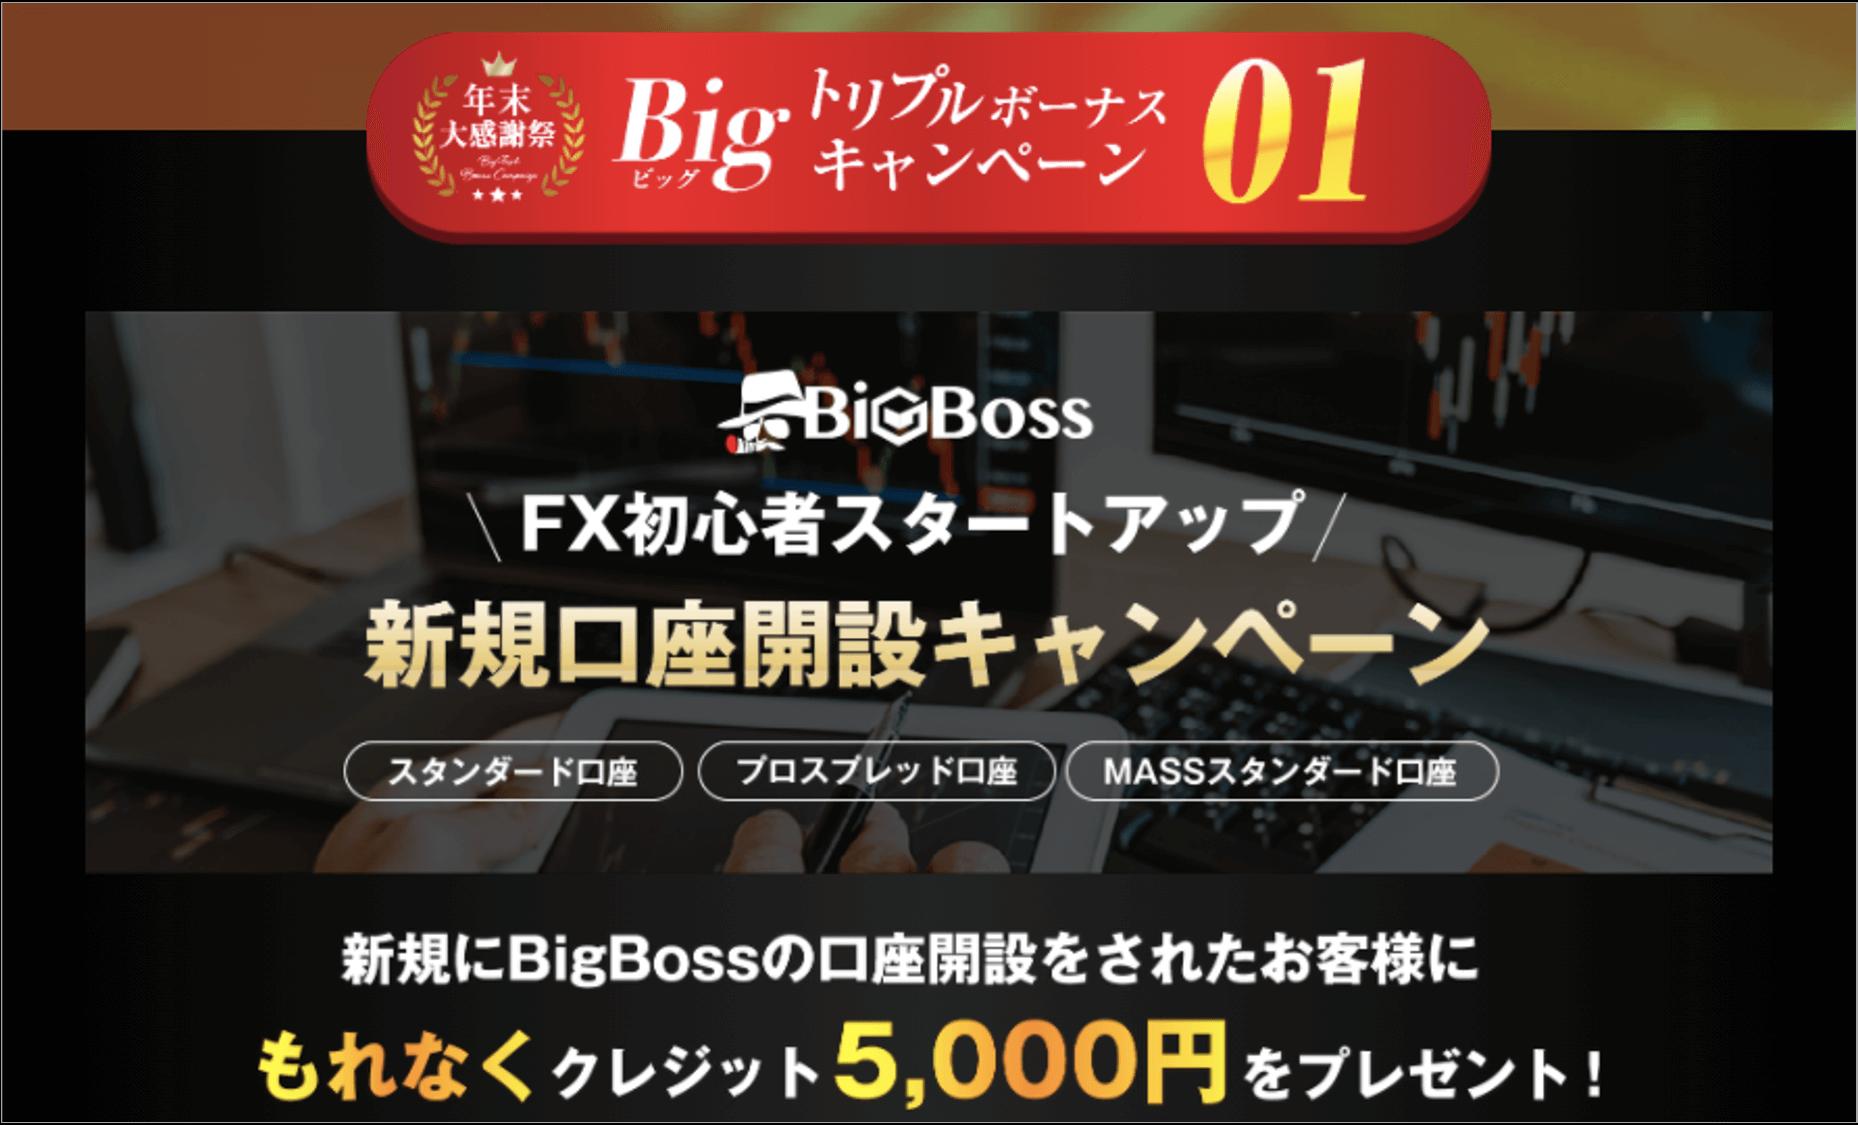 BigBoss トリプルキャンペーン①画像